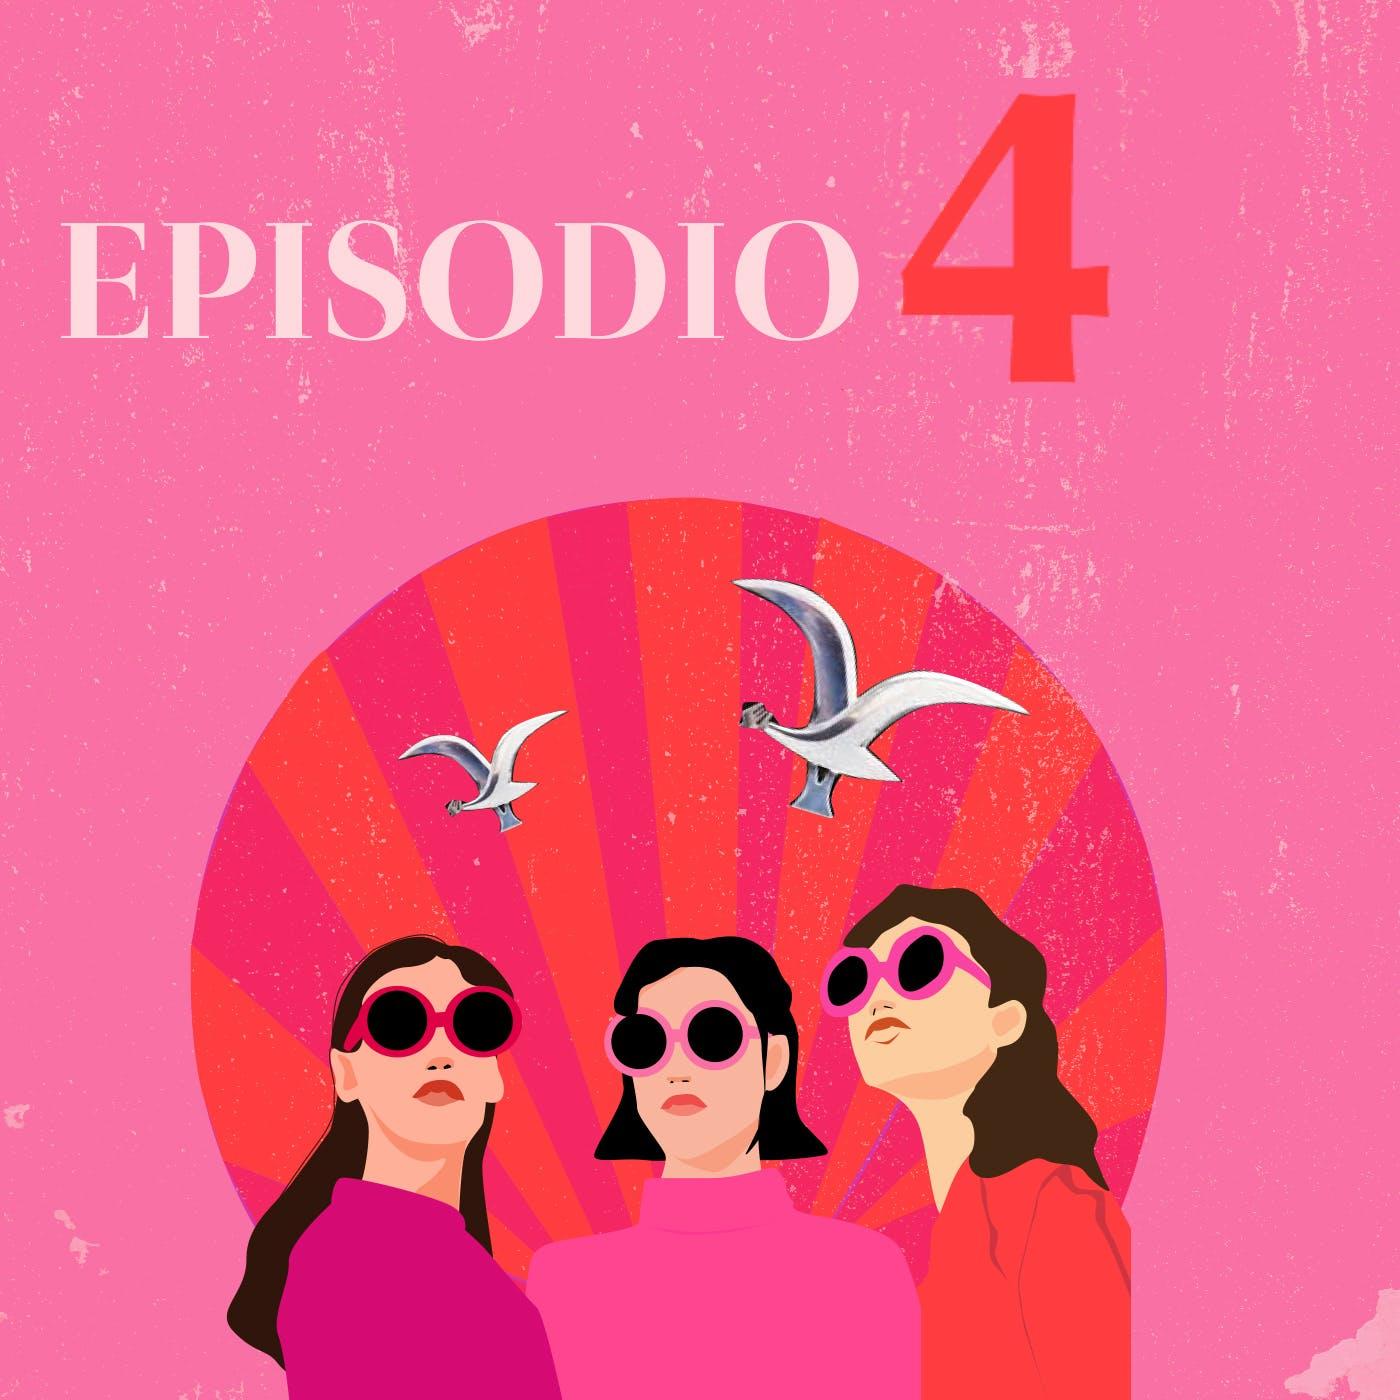 El Amor y la Furia del Monstruo - AR13 en el Festival: En Viña, po' Niña - Emisor Podcasting